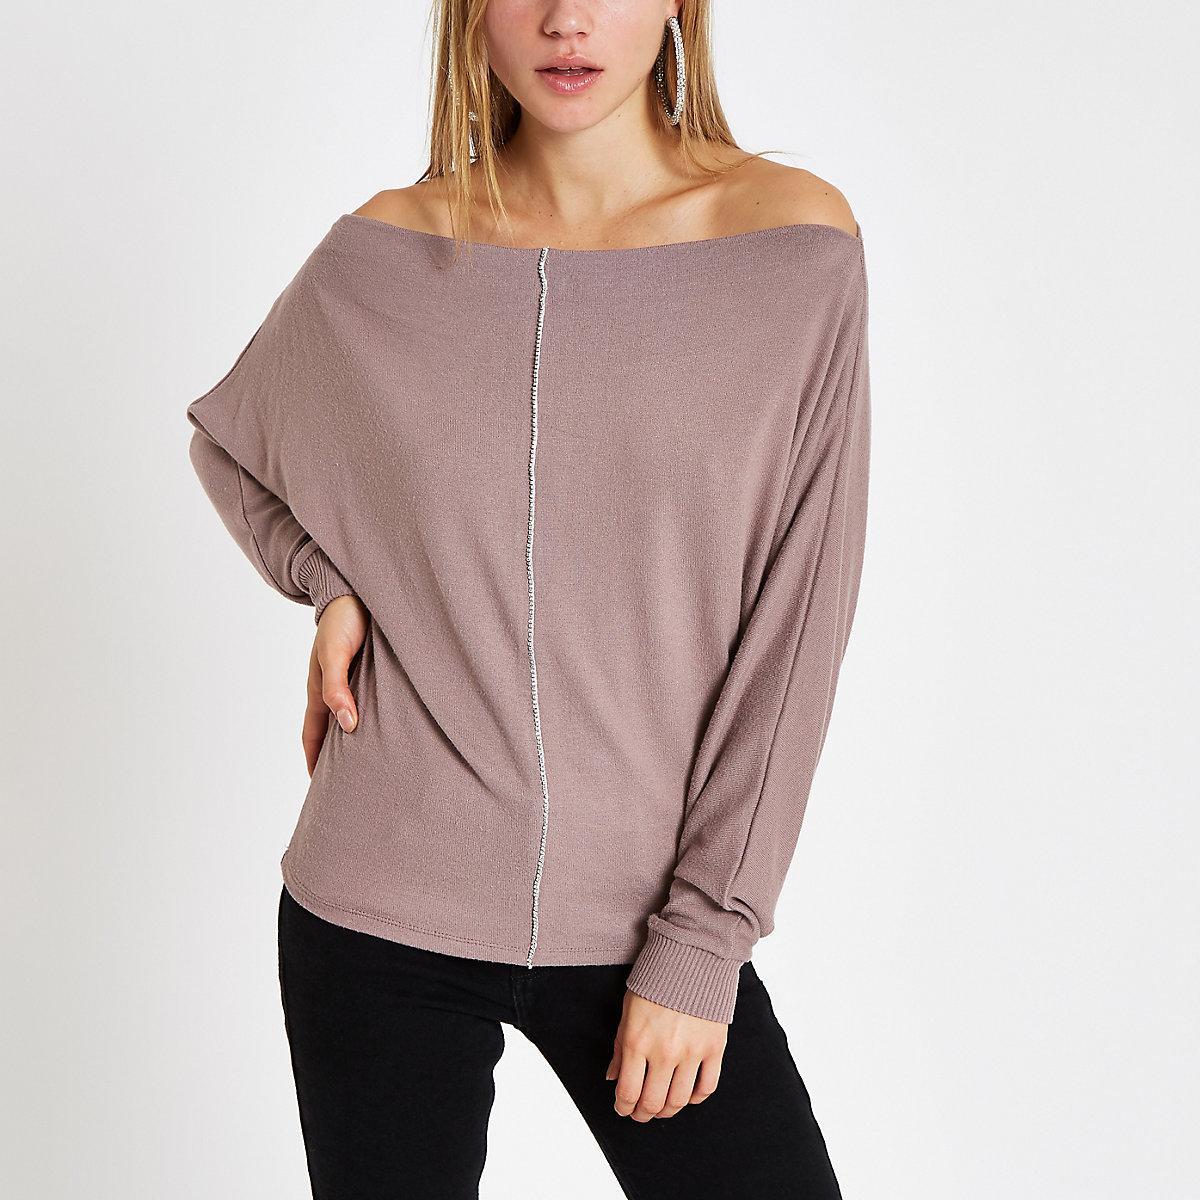 Bardot-Pullover mit Strass und Fledermausärmeln